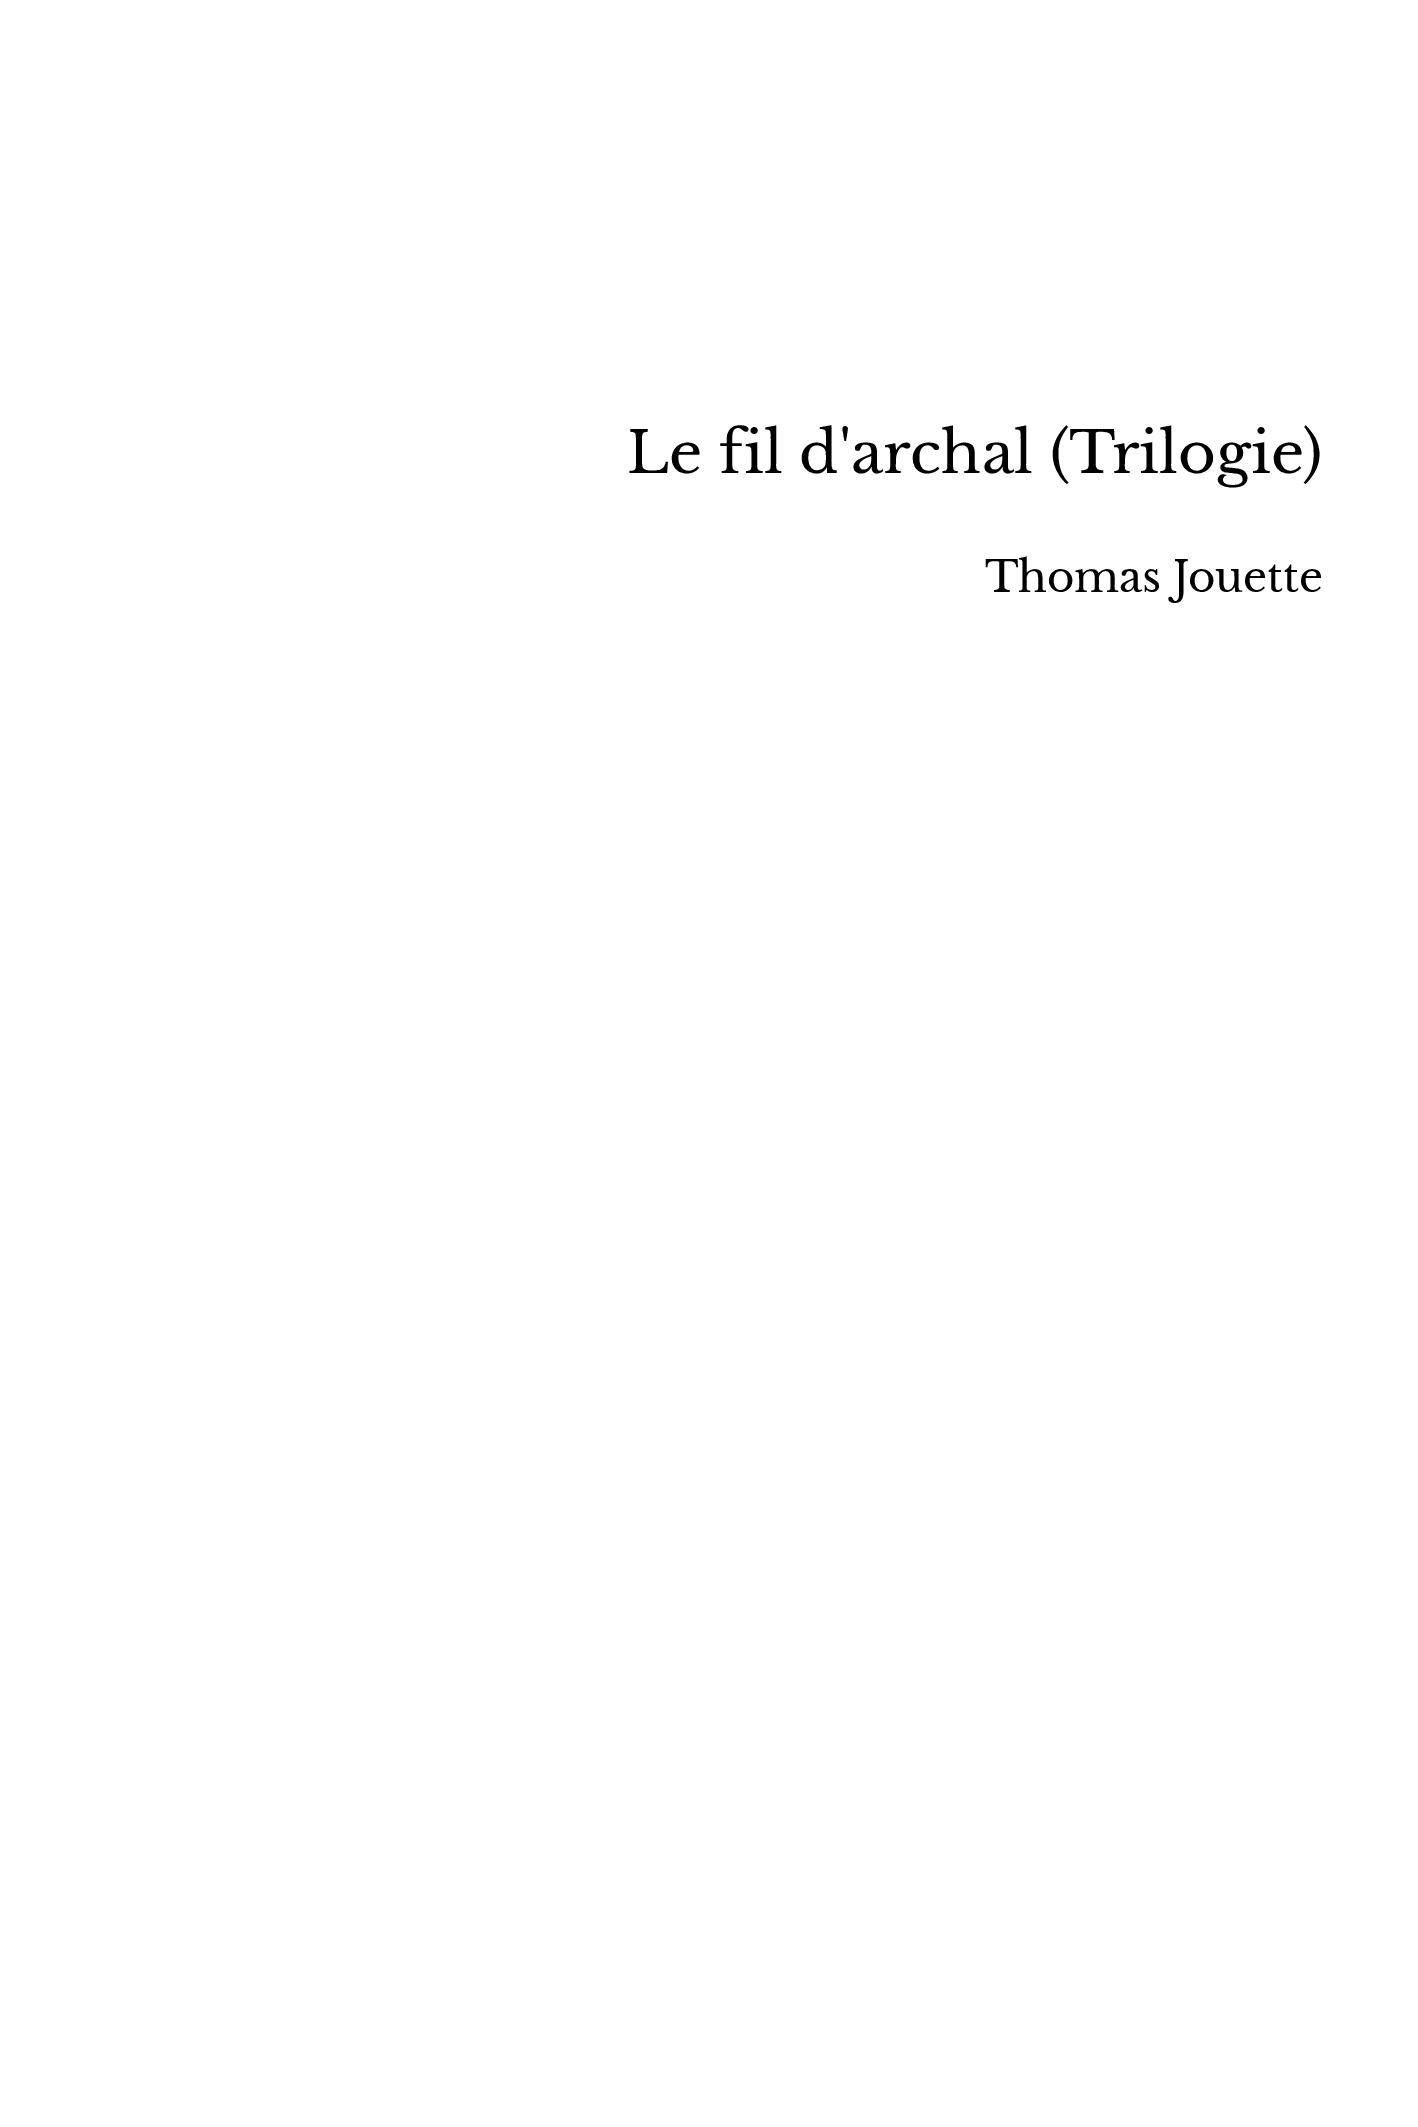 Le fil d'archal (Trilogie)